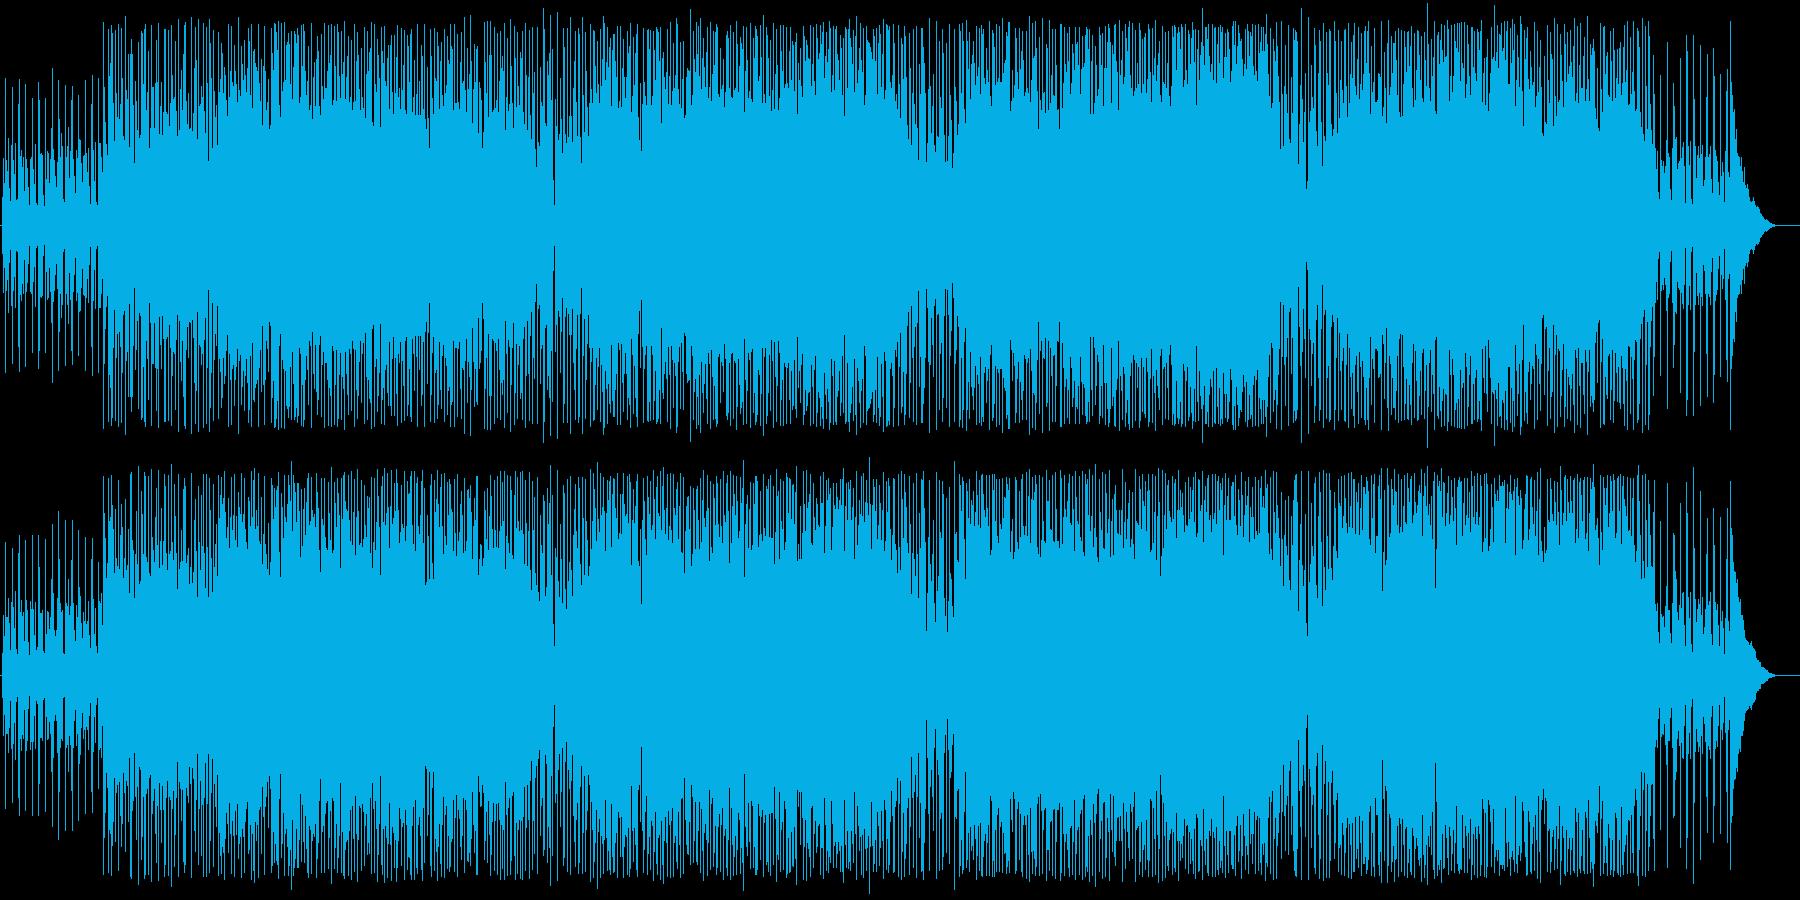 80年代の軽快なアメリカンロック曲の再生済みの波形